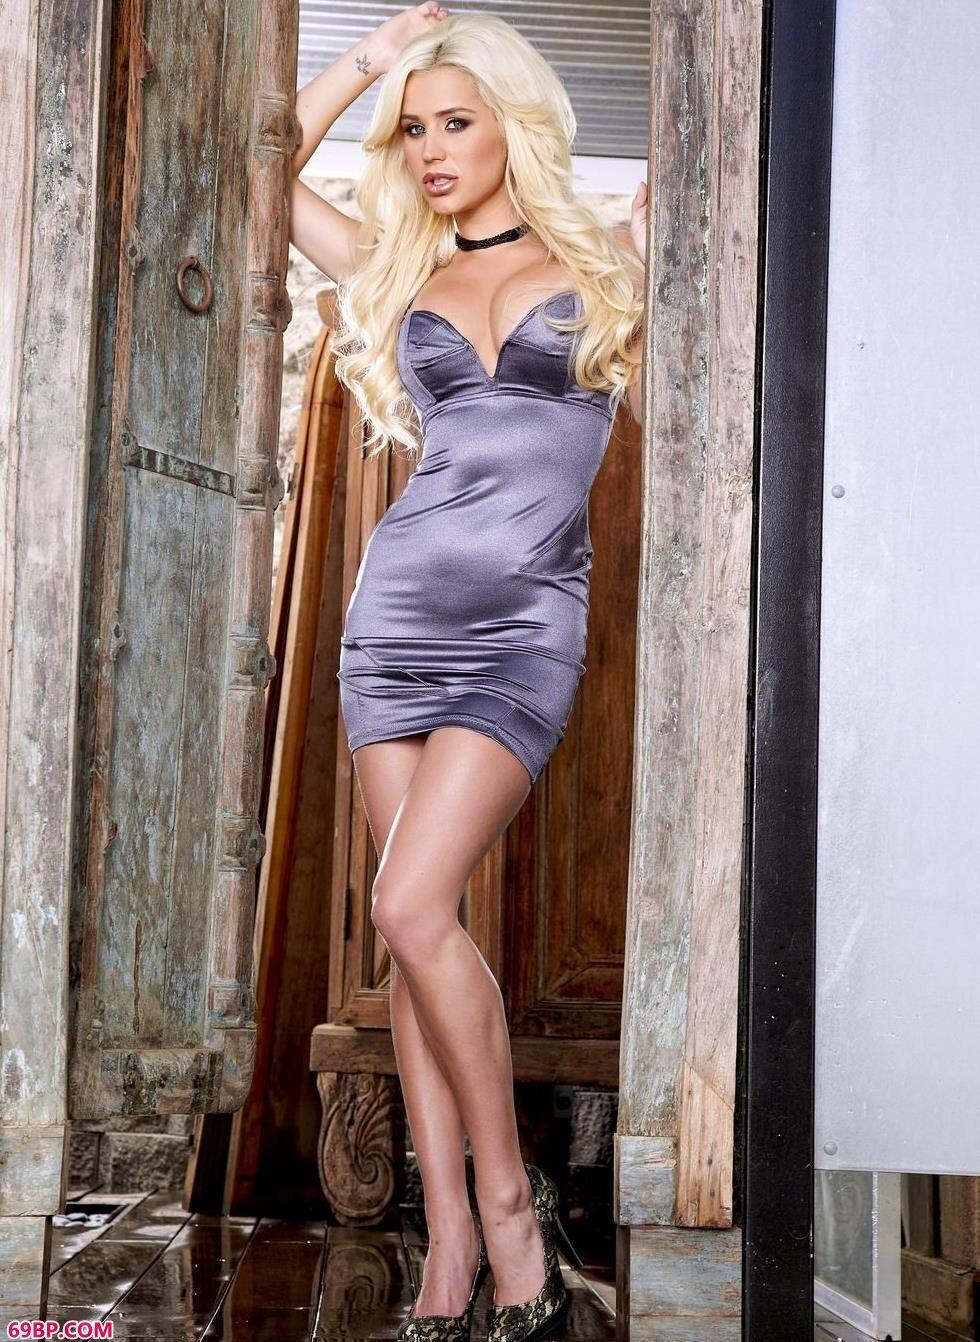 大胆欧美模特人体艺术,超模Scott老房子里的丰润人体